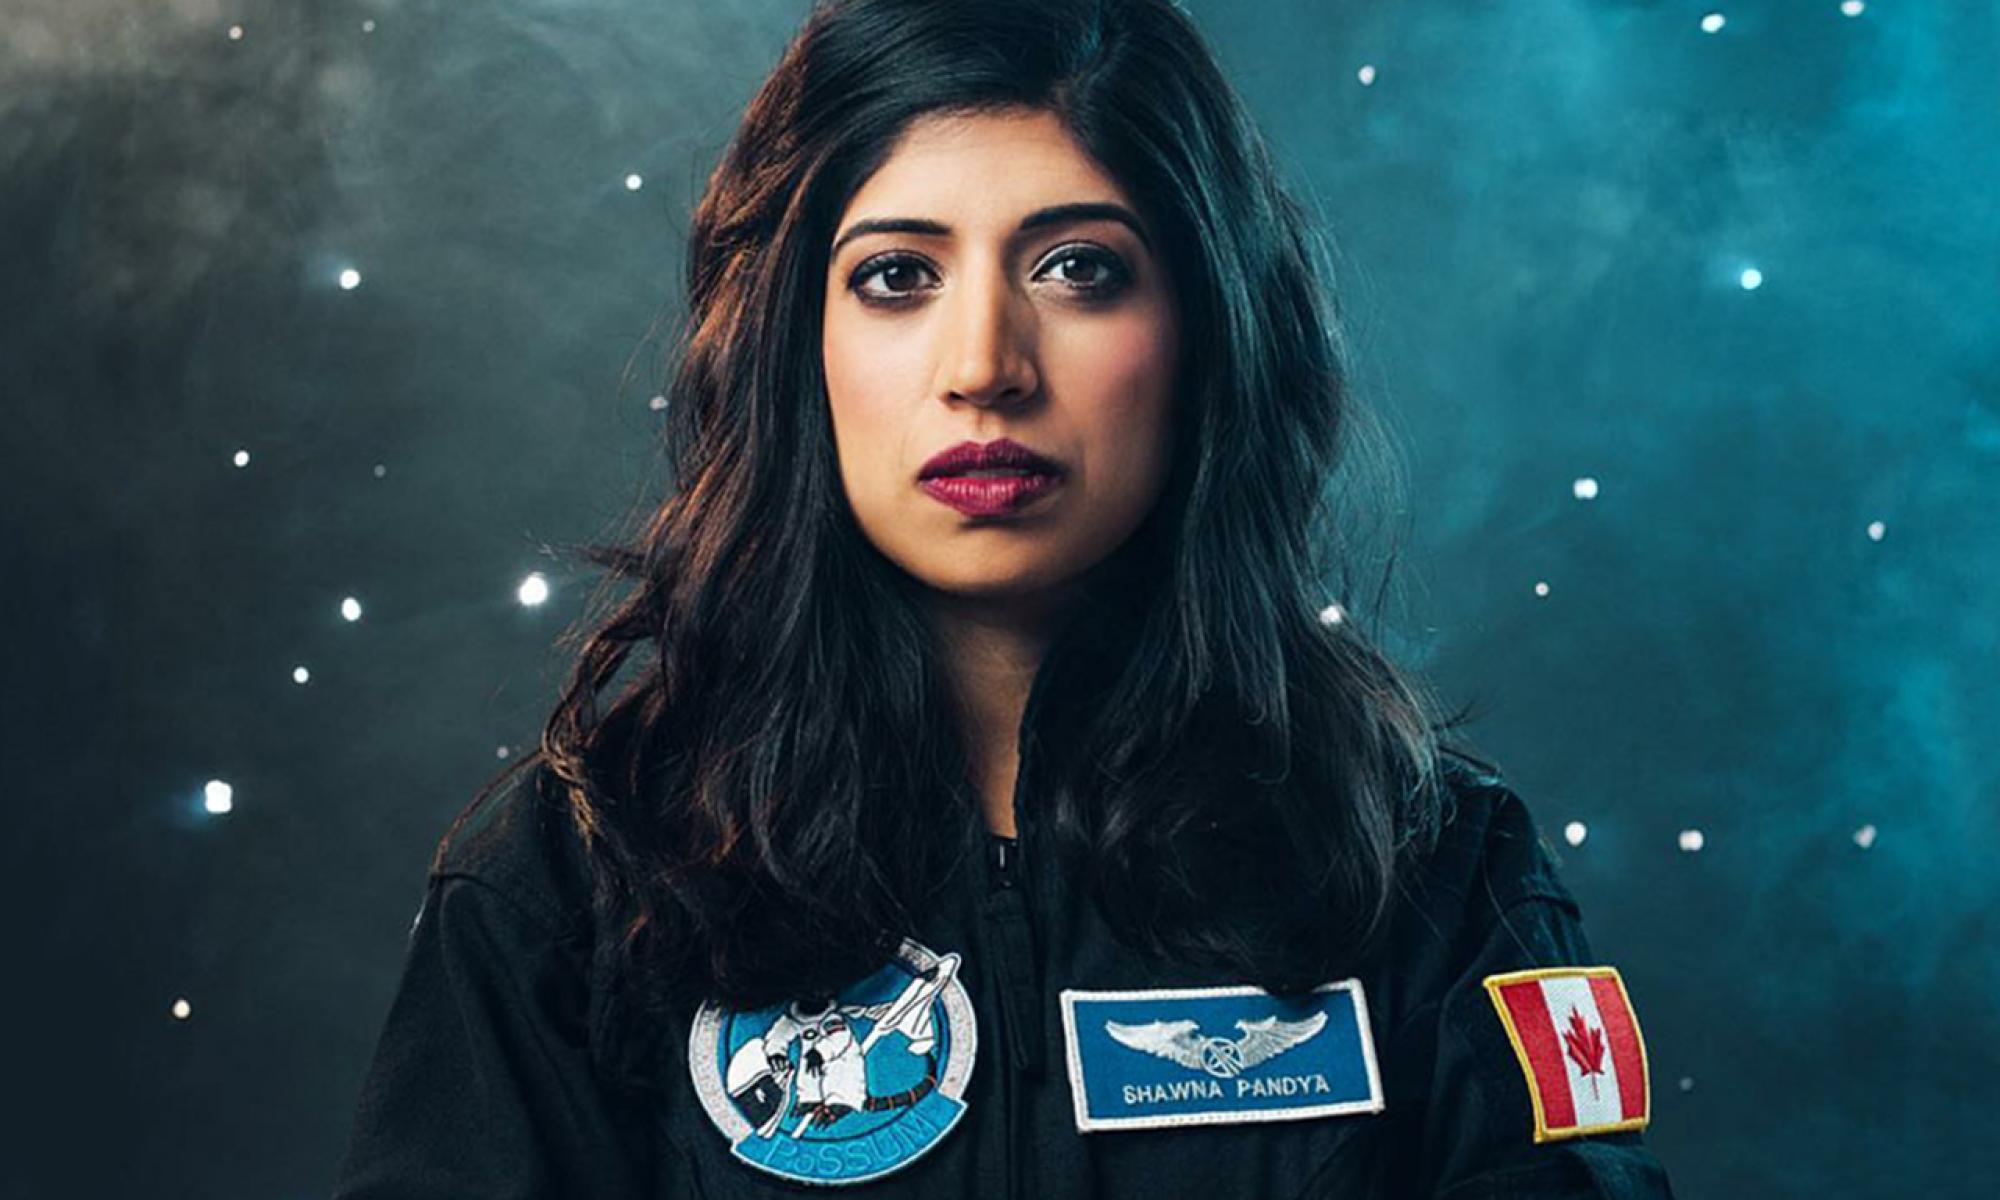 Astronaut candidate Shawna Pandya